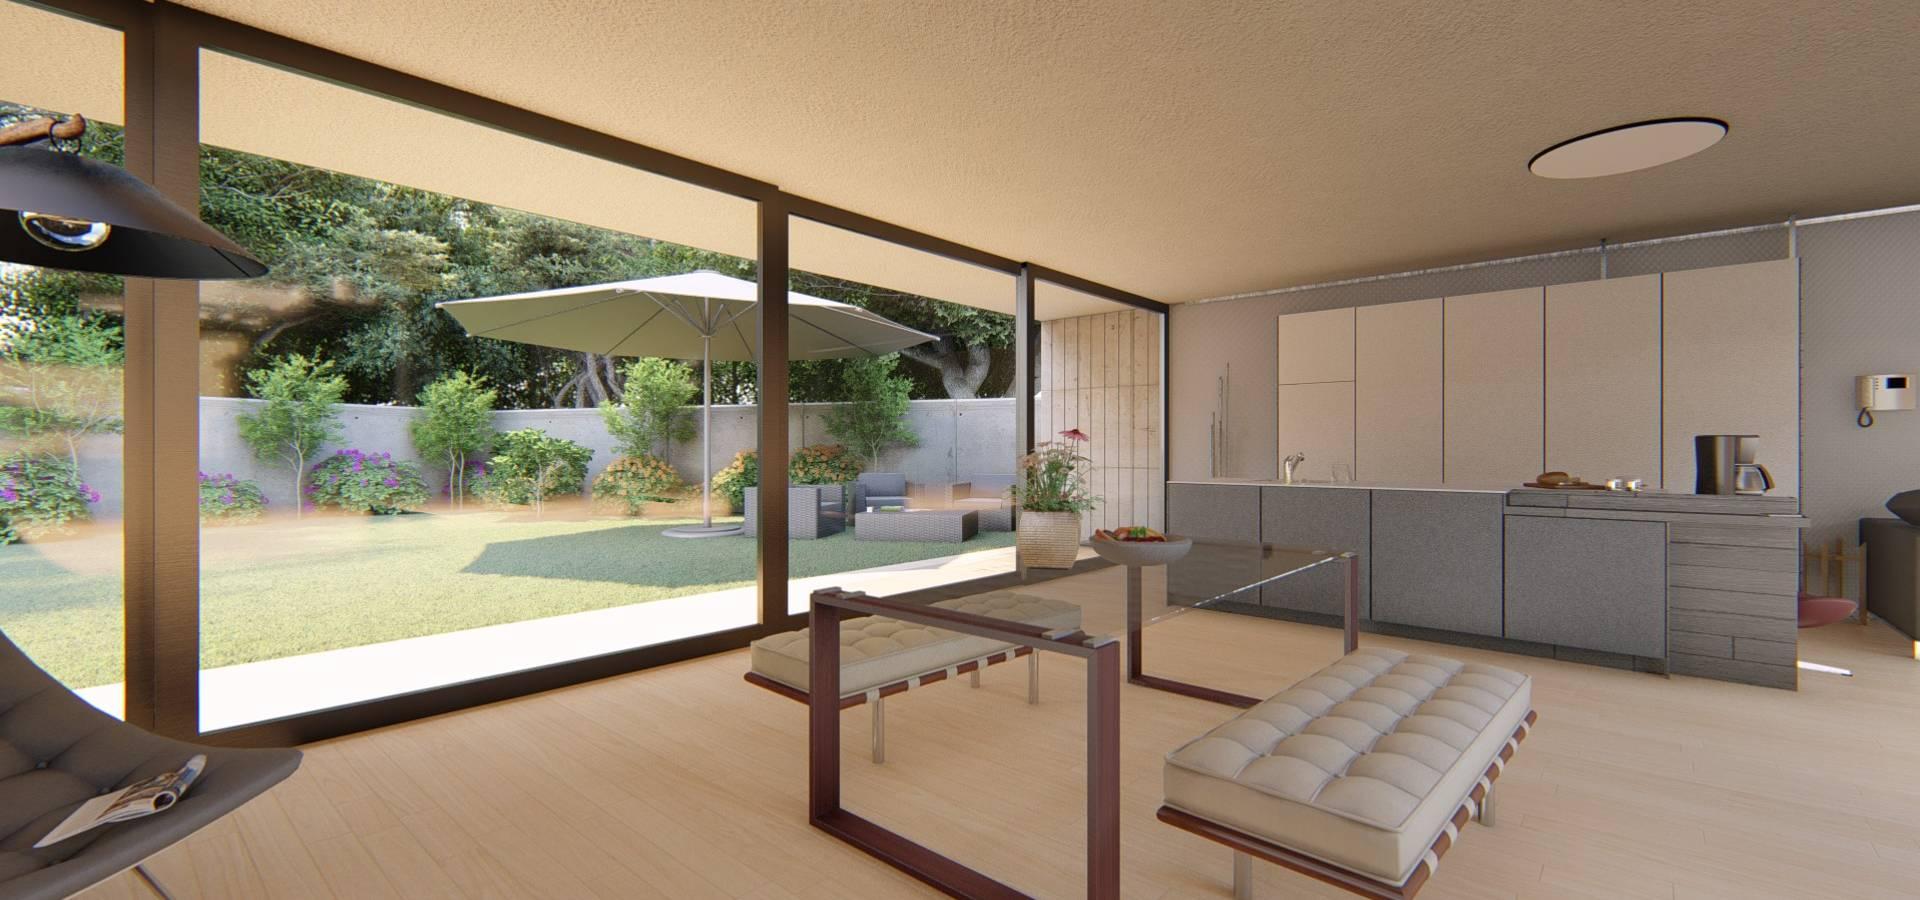 JM Maquetes Design